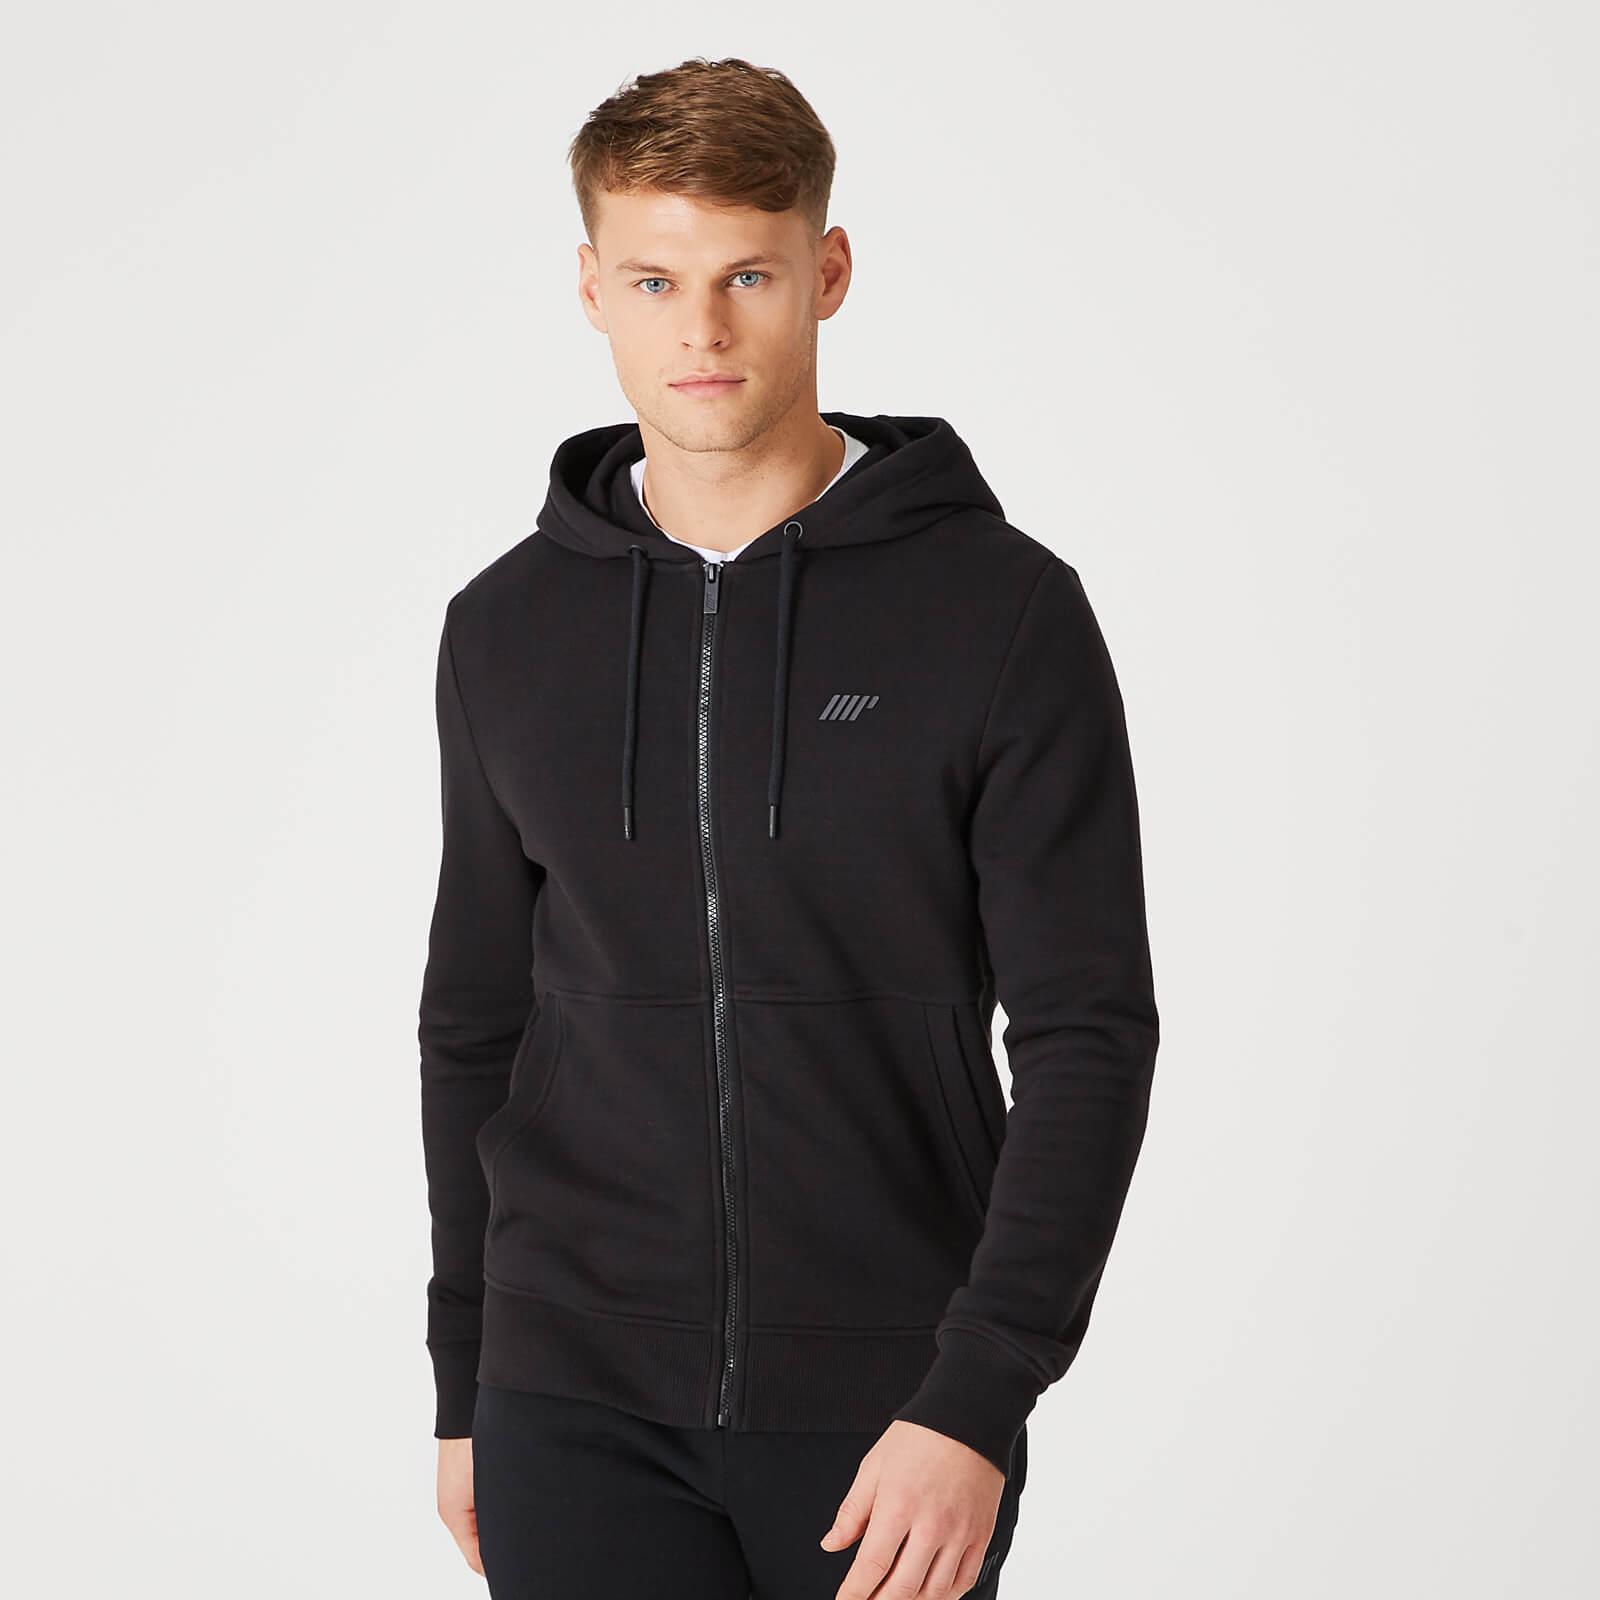 Tru Fit Zip Up Hoodie 2.0 Black